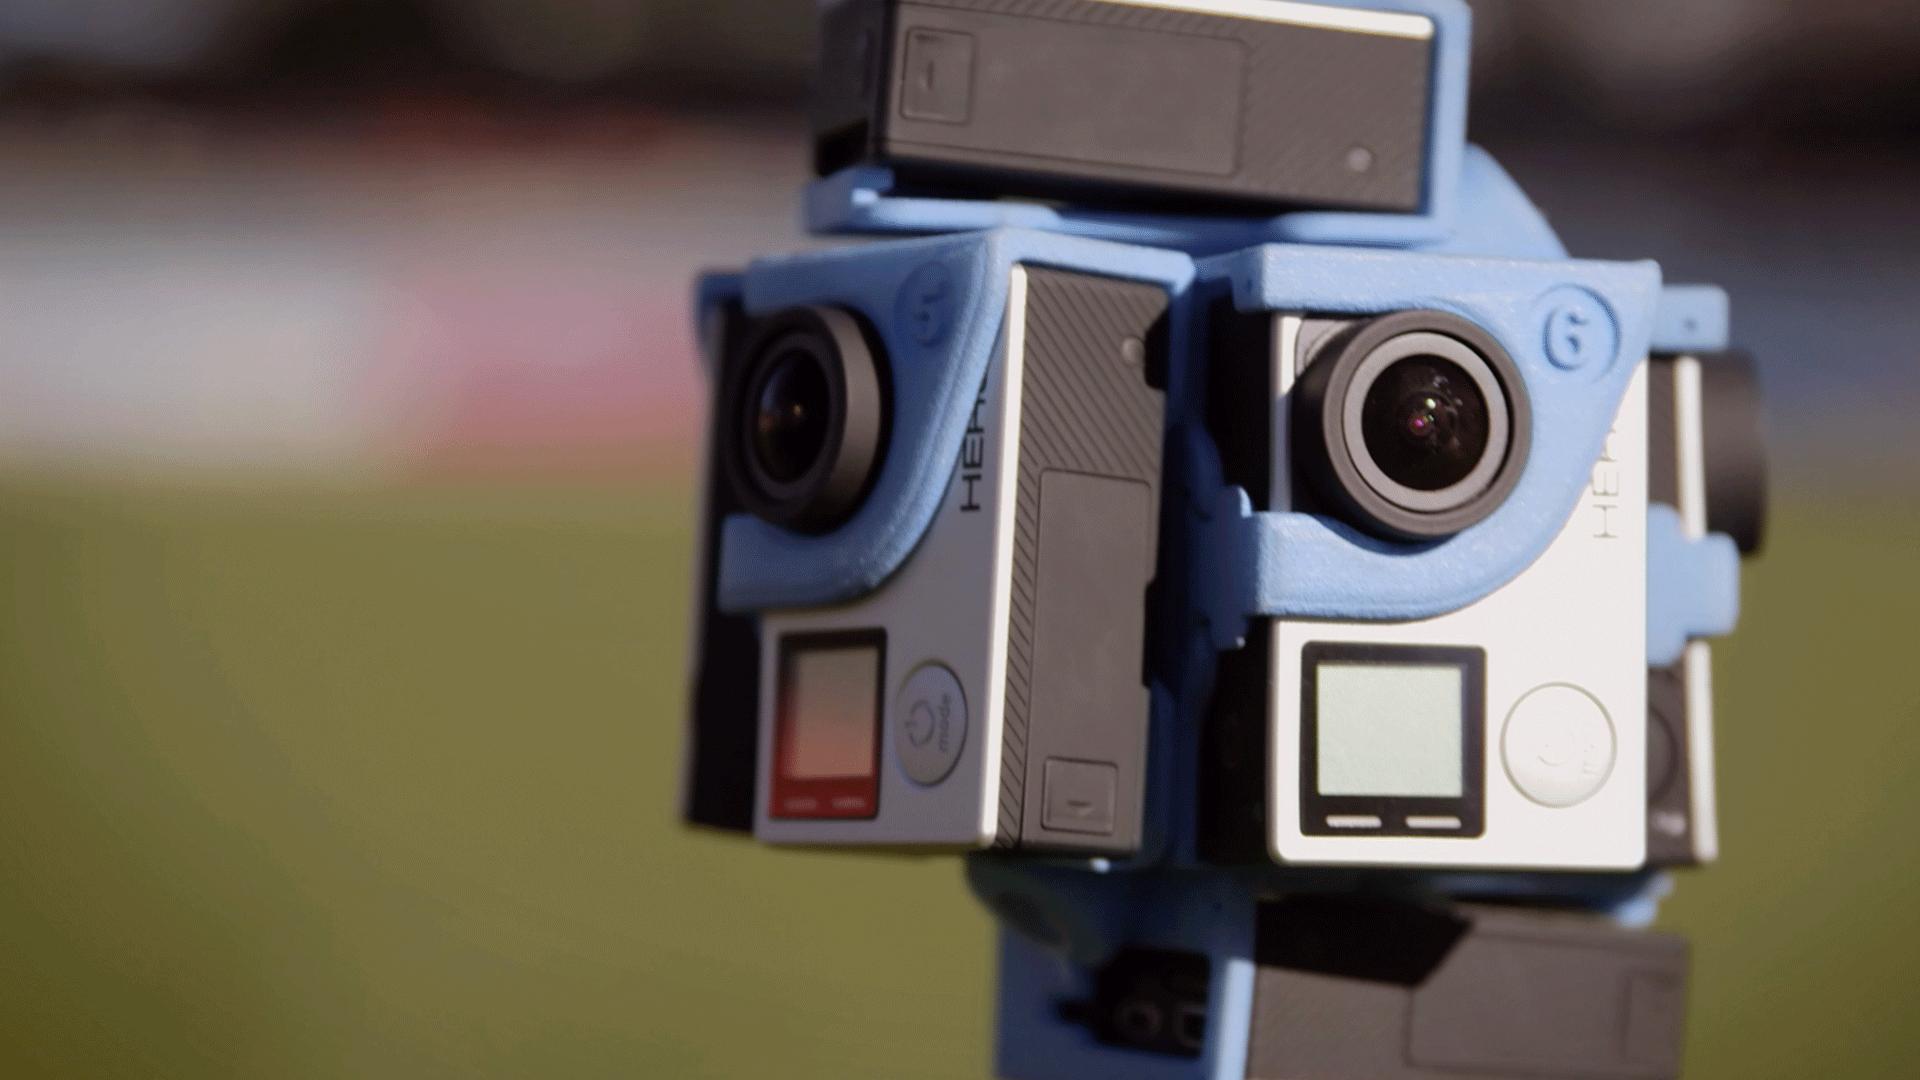 GoPro 360 Heroes camera rig